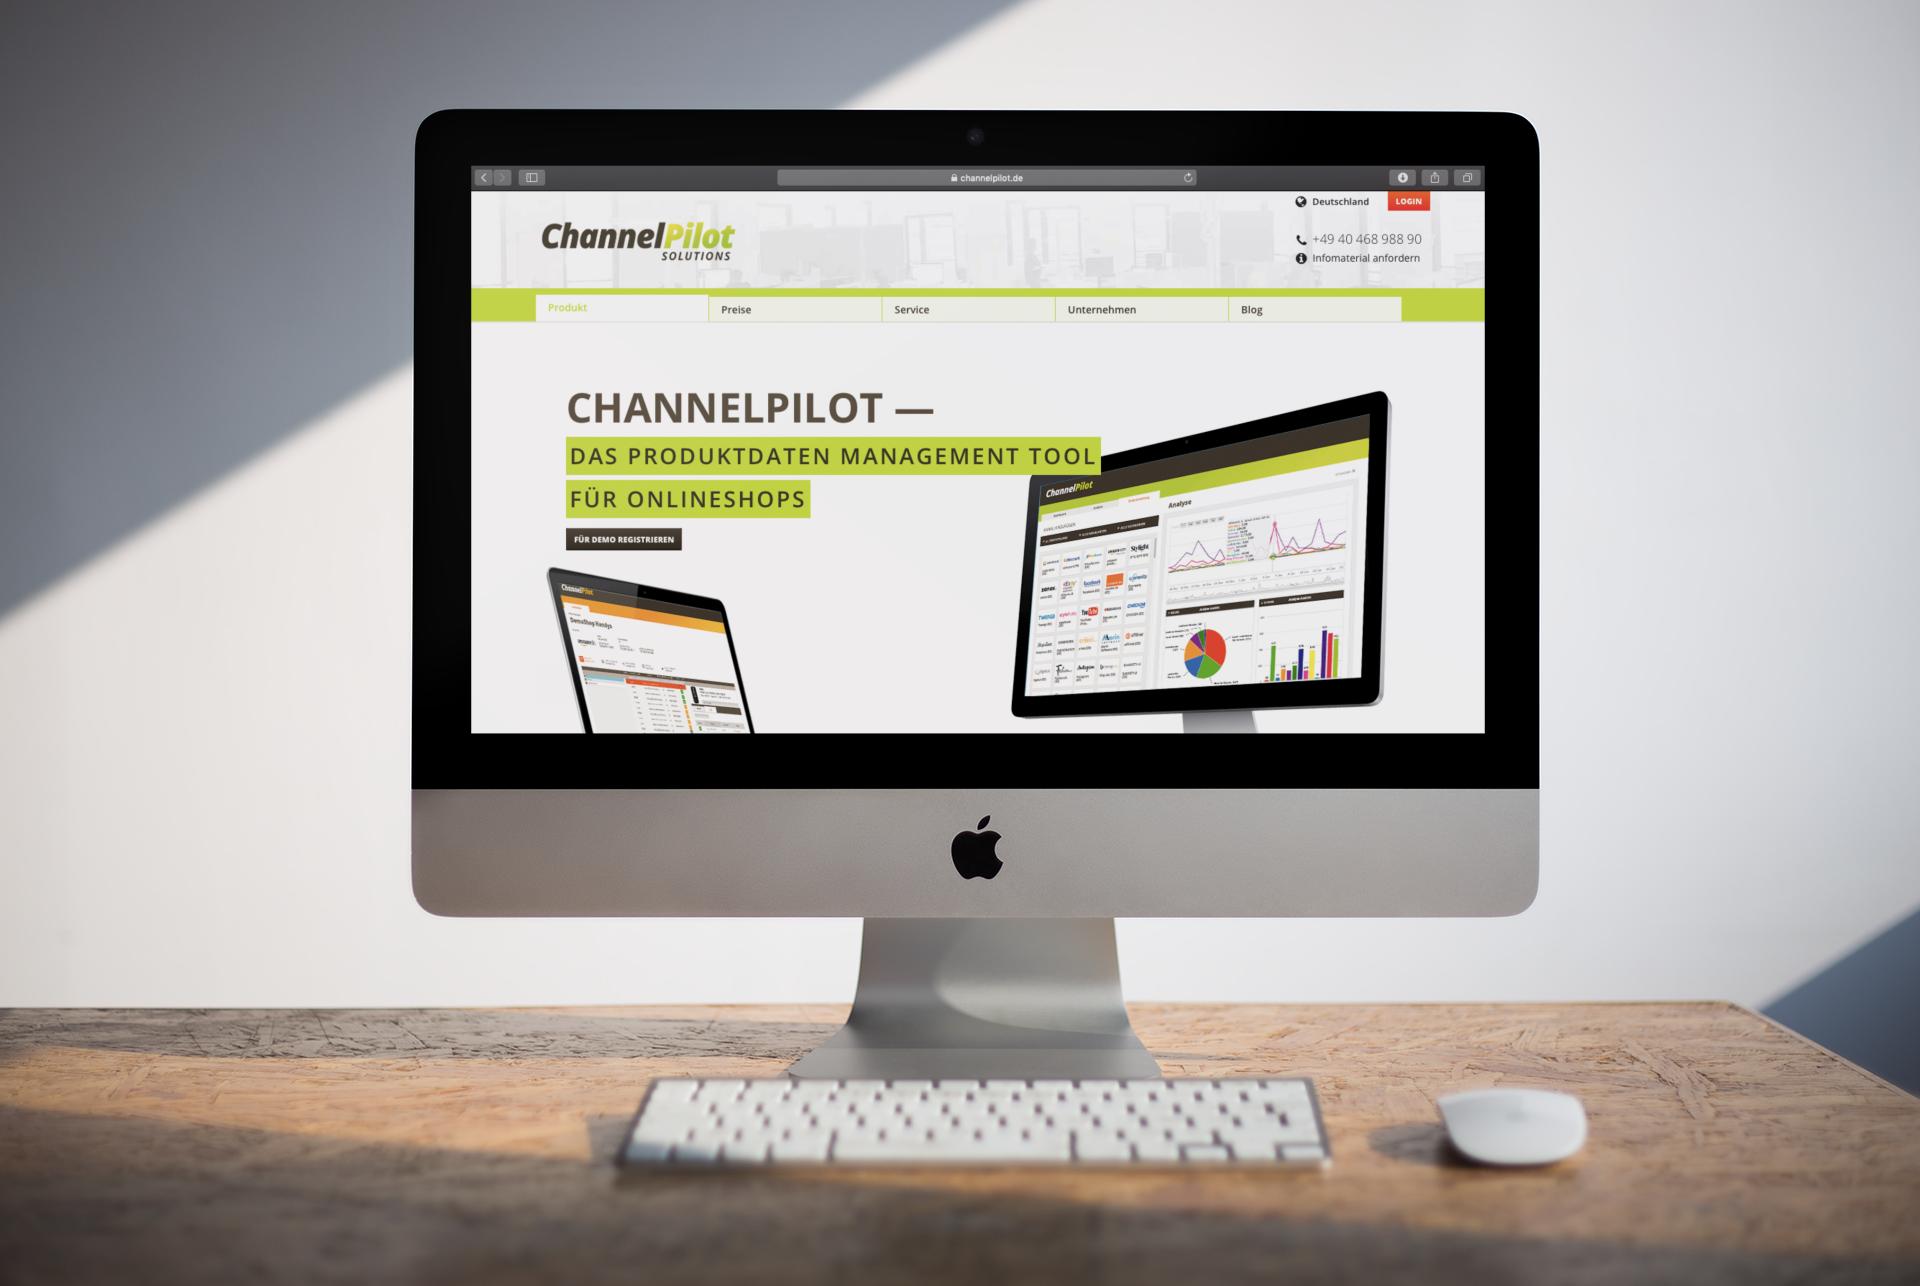 ChannelPilot